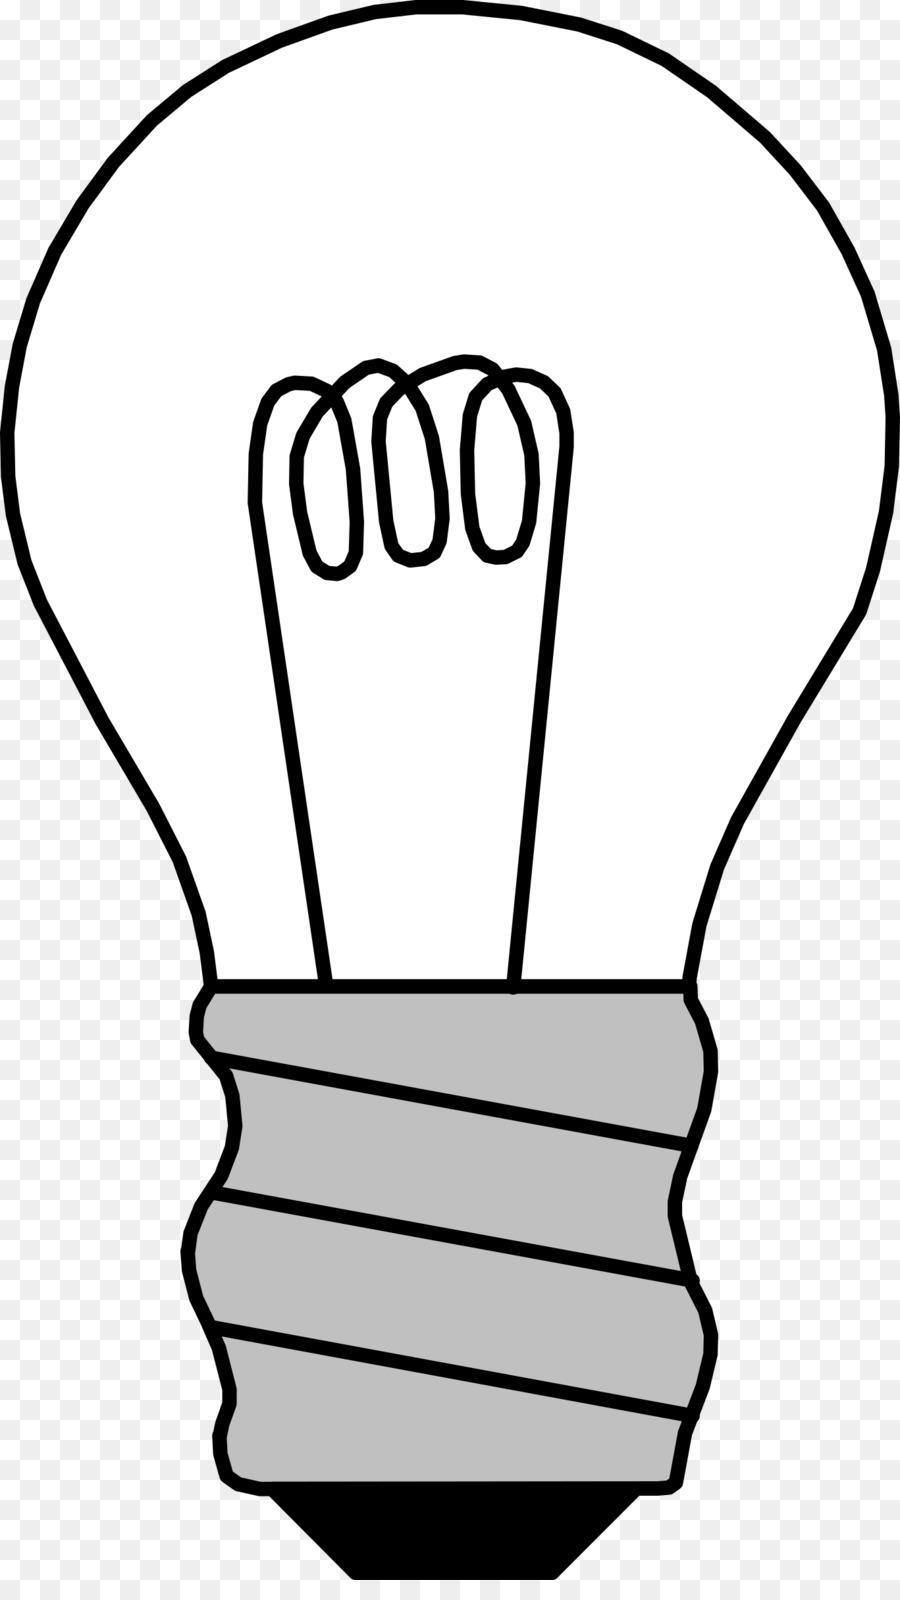 Light on off clipart clip art black and white stock Light Bulb Cartoon clipart - Light, Lamp, White, transparent clip art clip art black and white stock